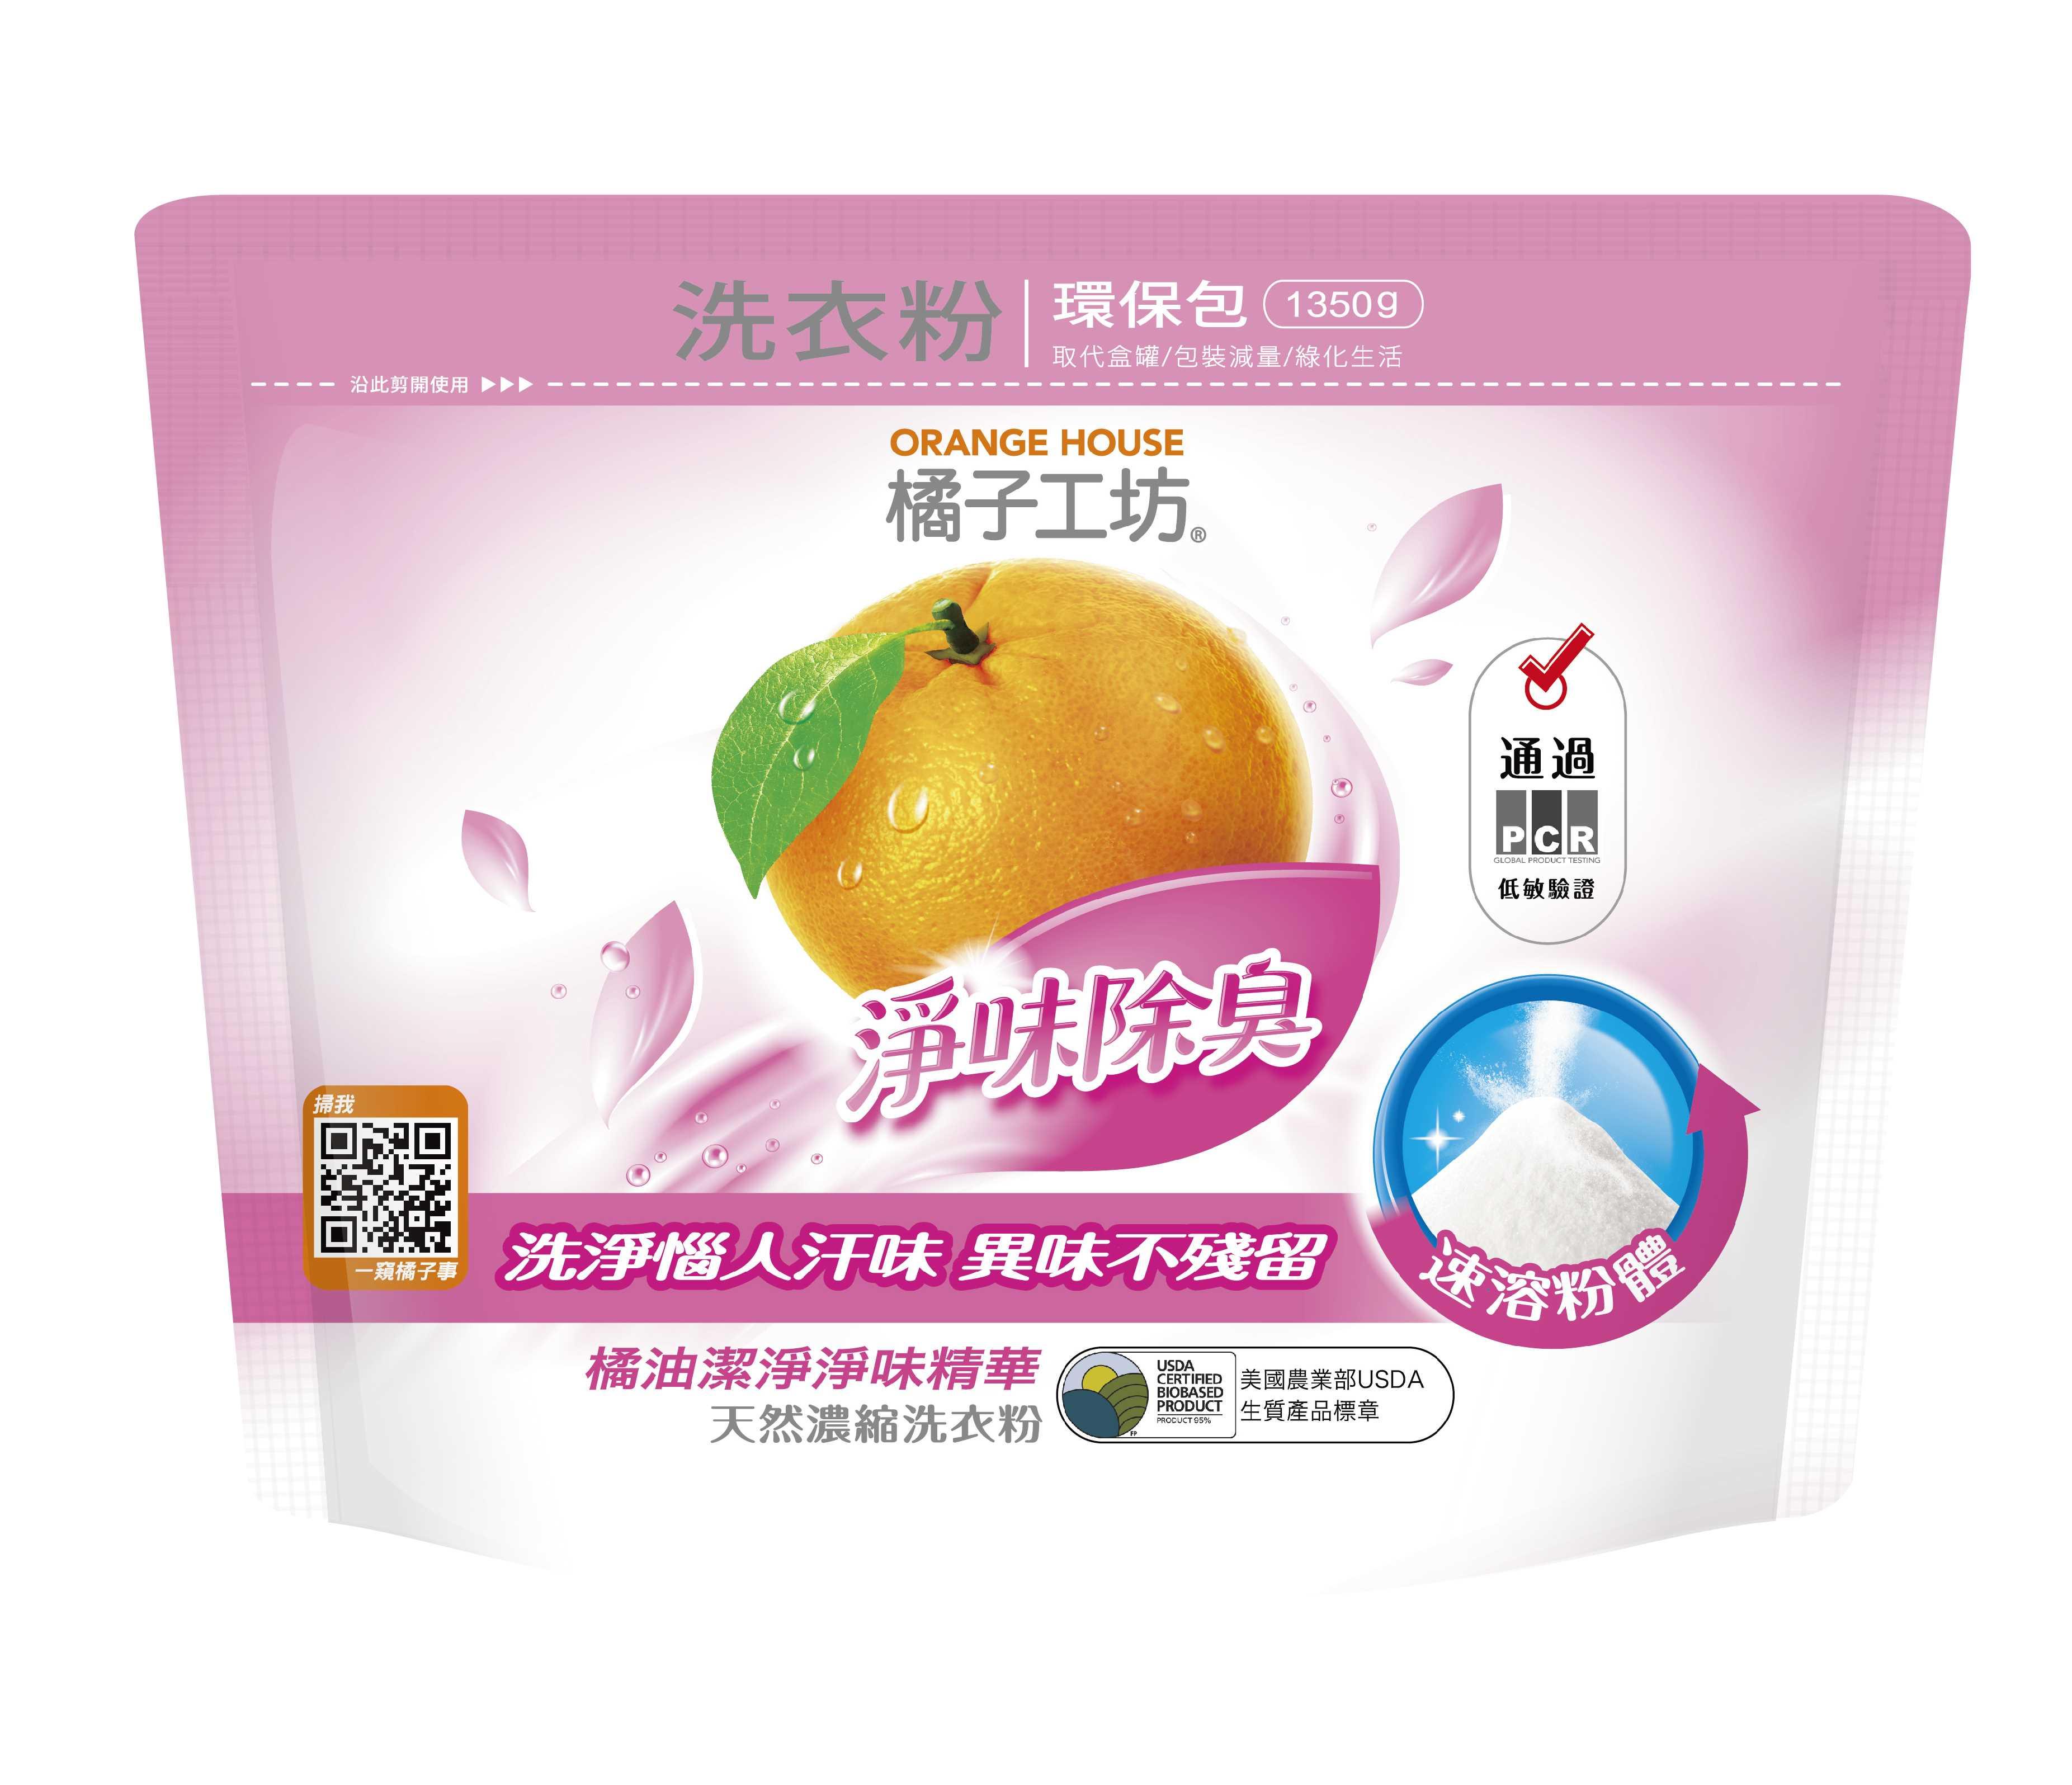 橘子工坊天然濃縮洗衣粉-淨味除臭(補充裝)1350ml